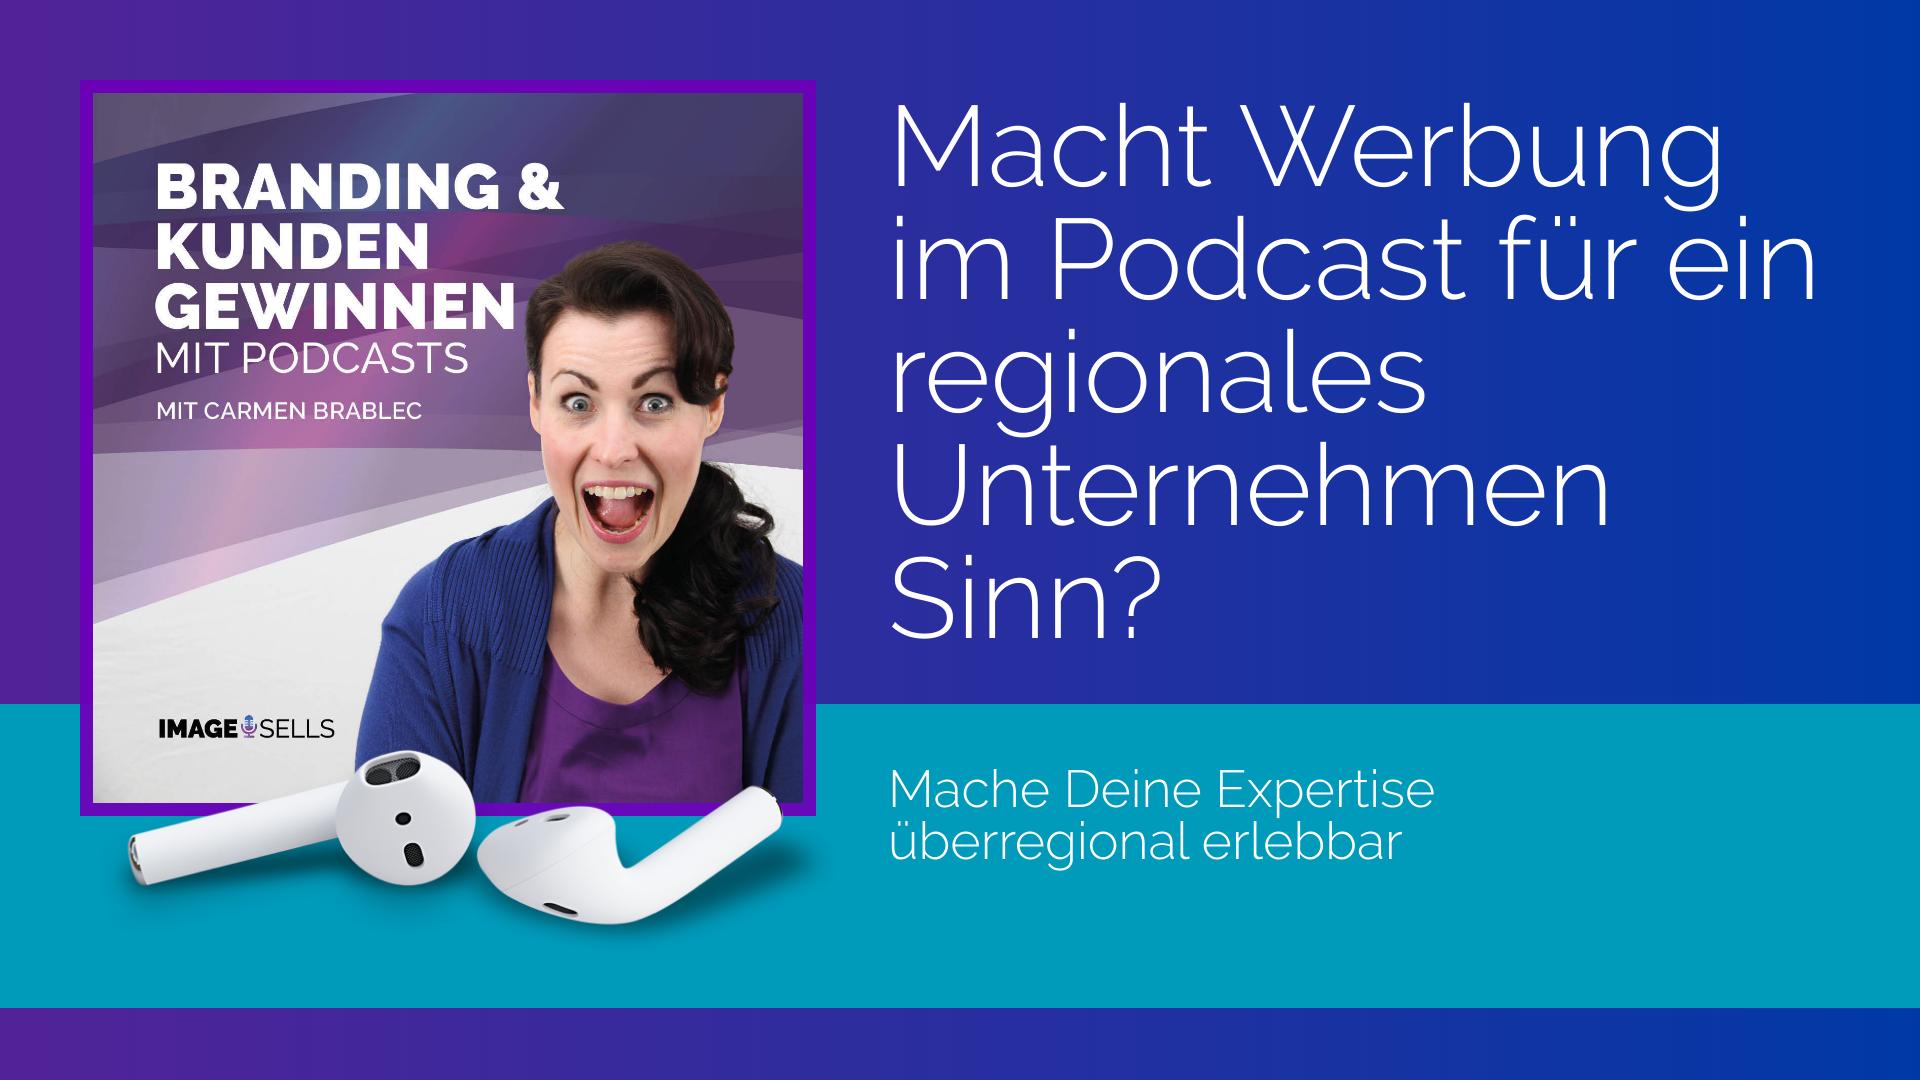 Macht Werbung im Podcast für ein regionales Unternehmen Sinn?